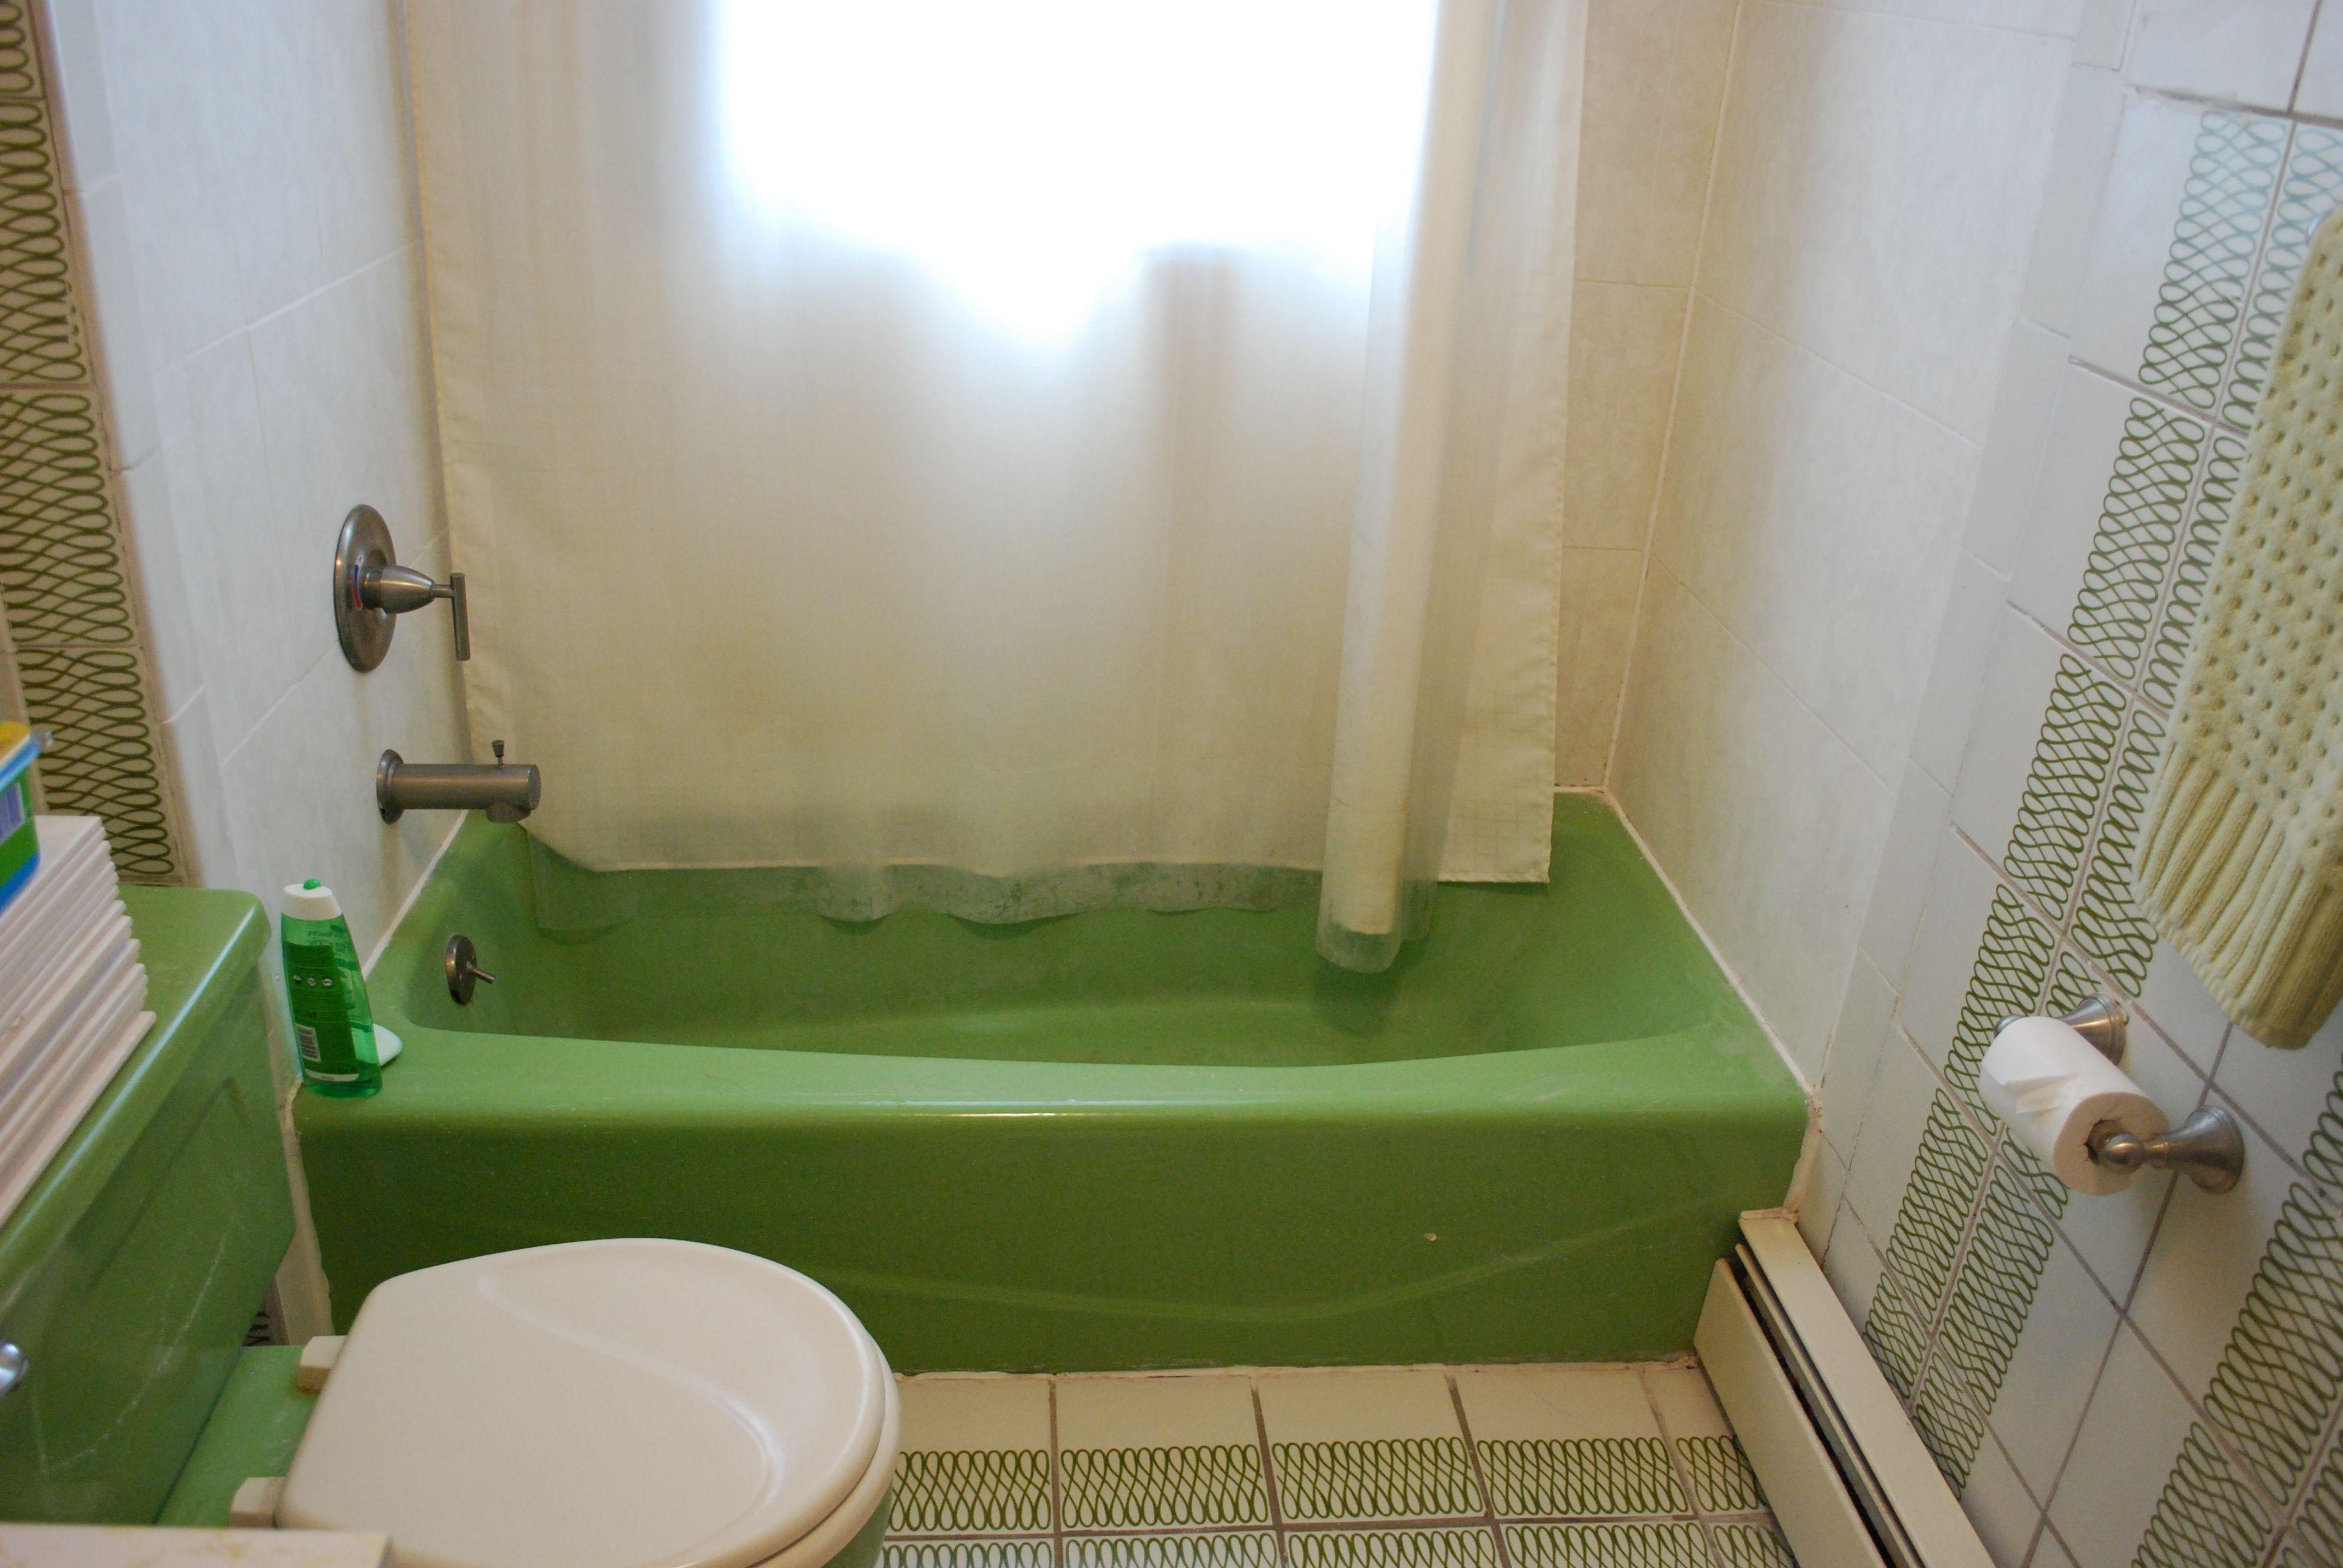 Badezimmer Teppich Set Grün, Badezimmer Farbe Ideen Grün Grün